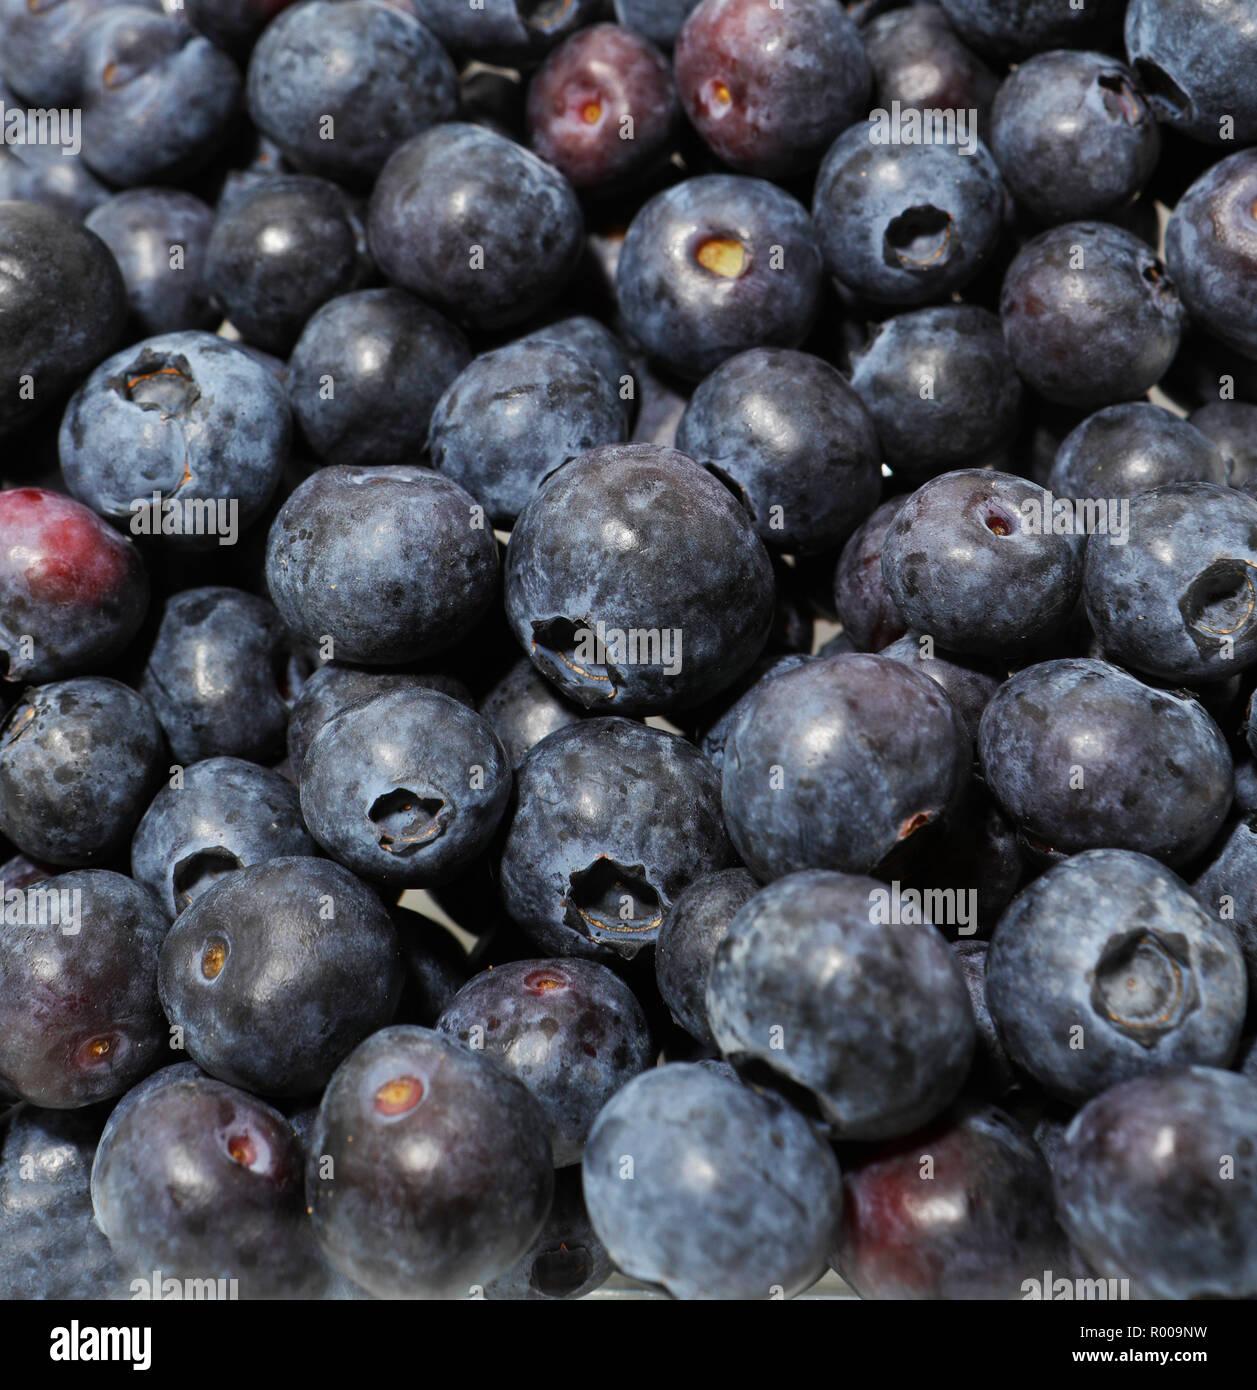 Arándanos. Antioxidante. Conceptos de frutas. Francia Imagen De Stock